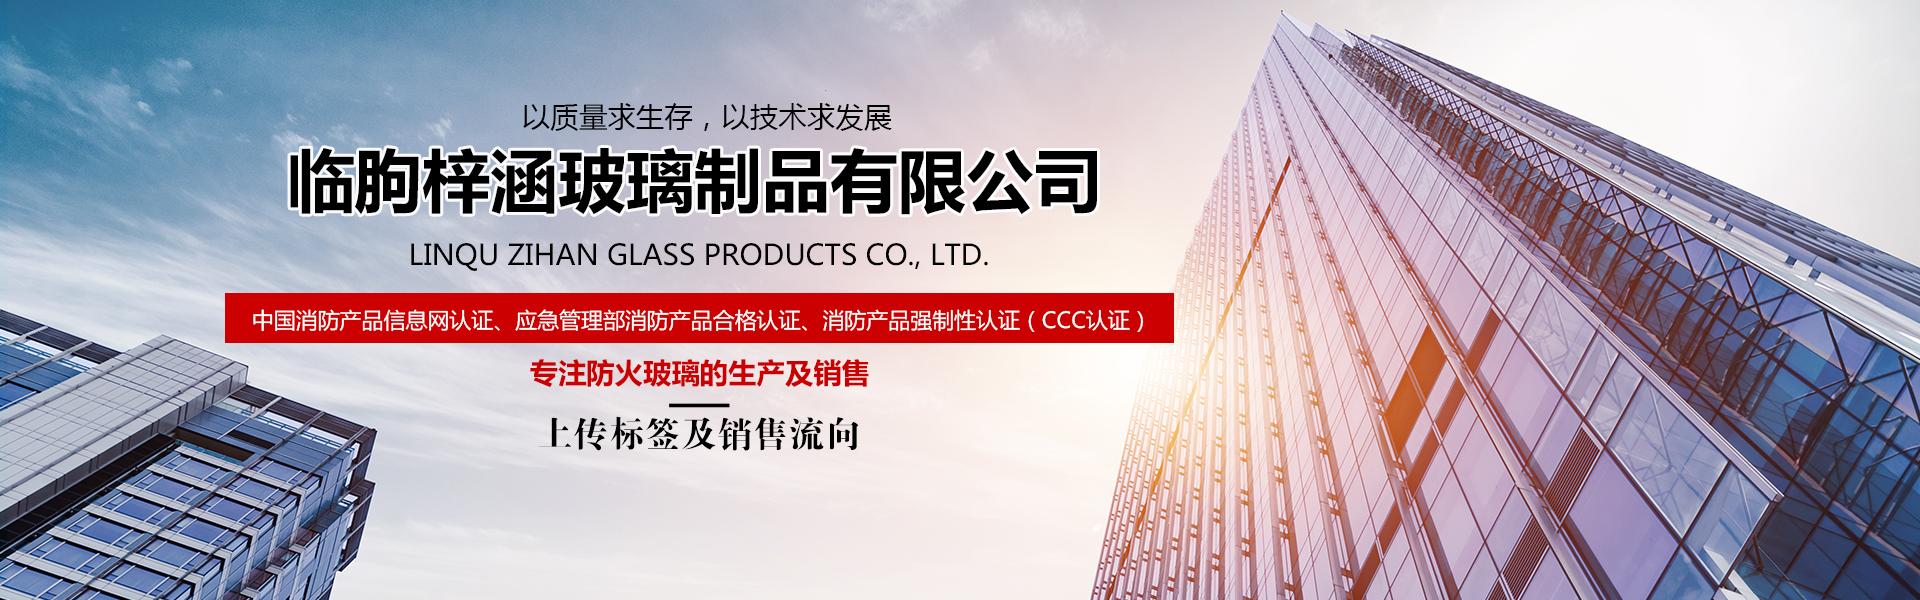 臨朐梓涵玻璃制品有限公司產品